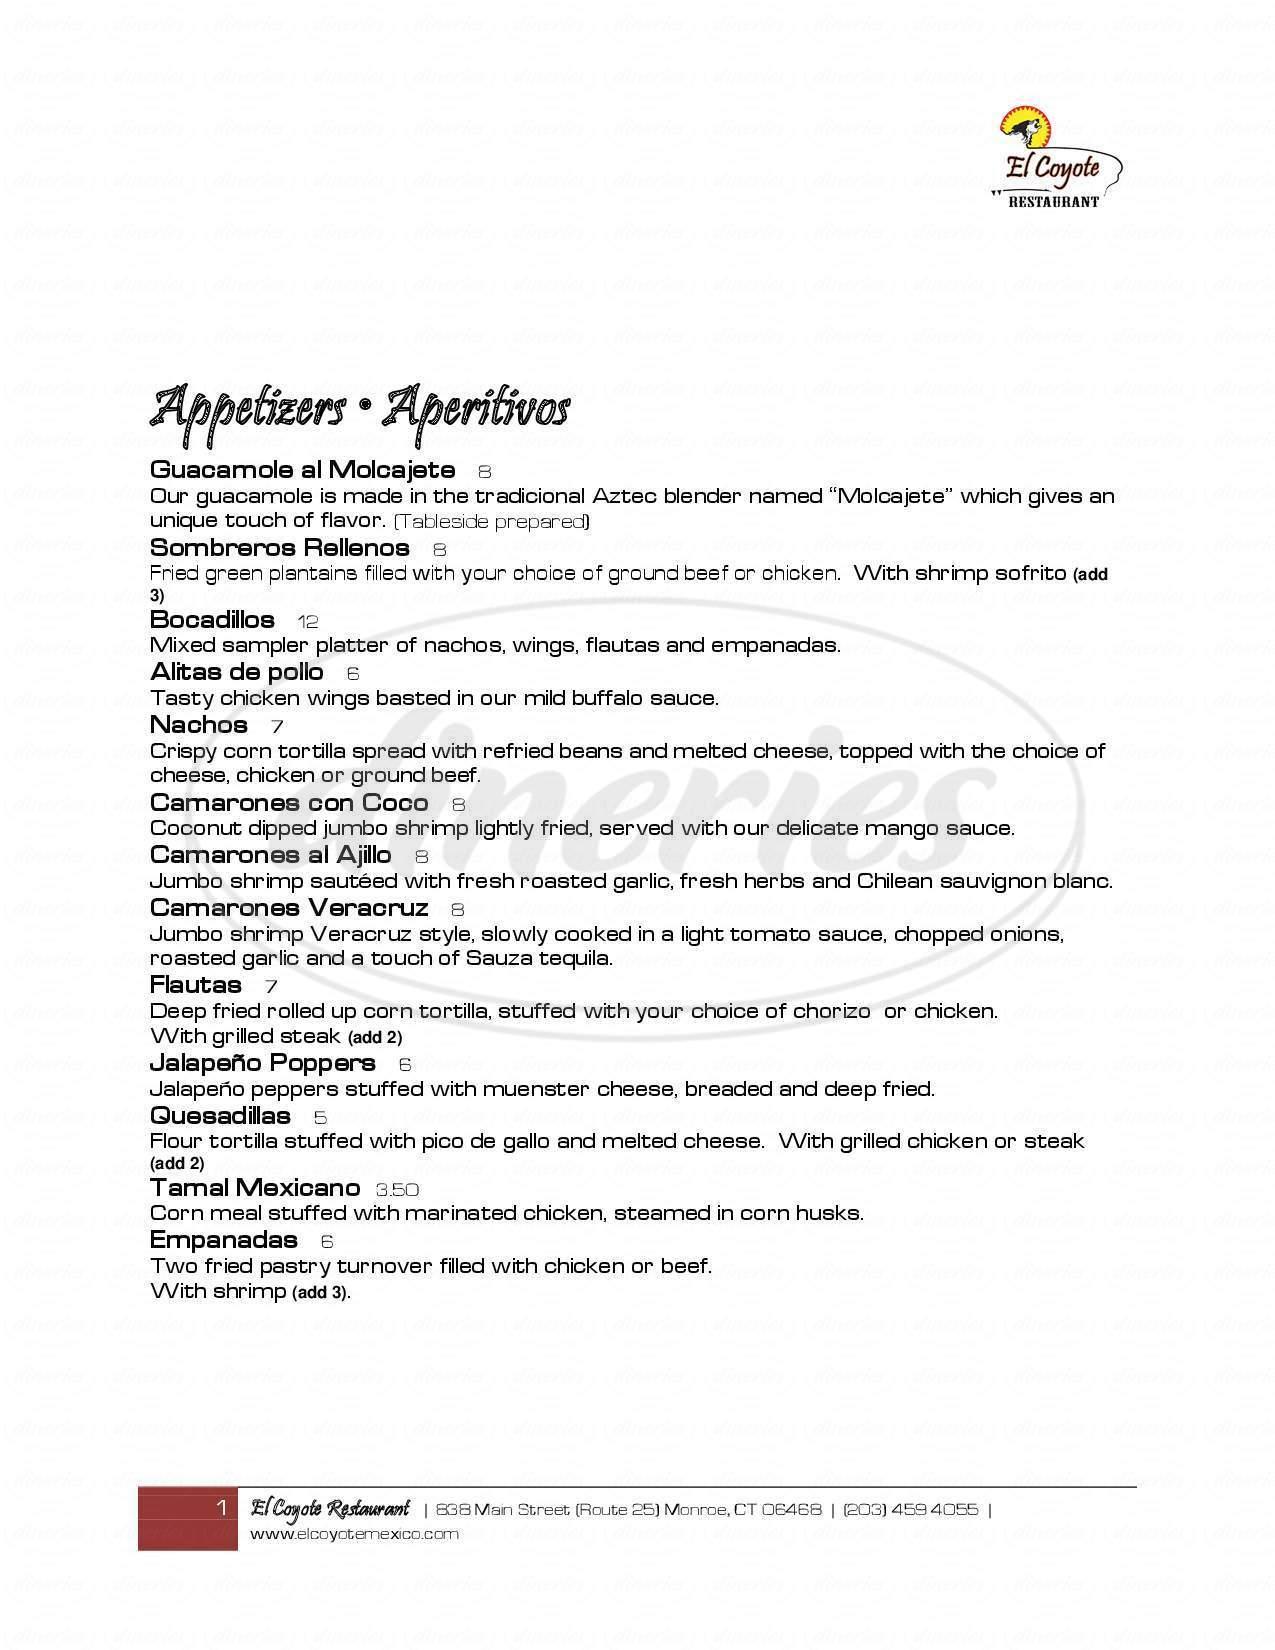 menu for El Coyote Restaurant